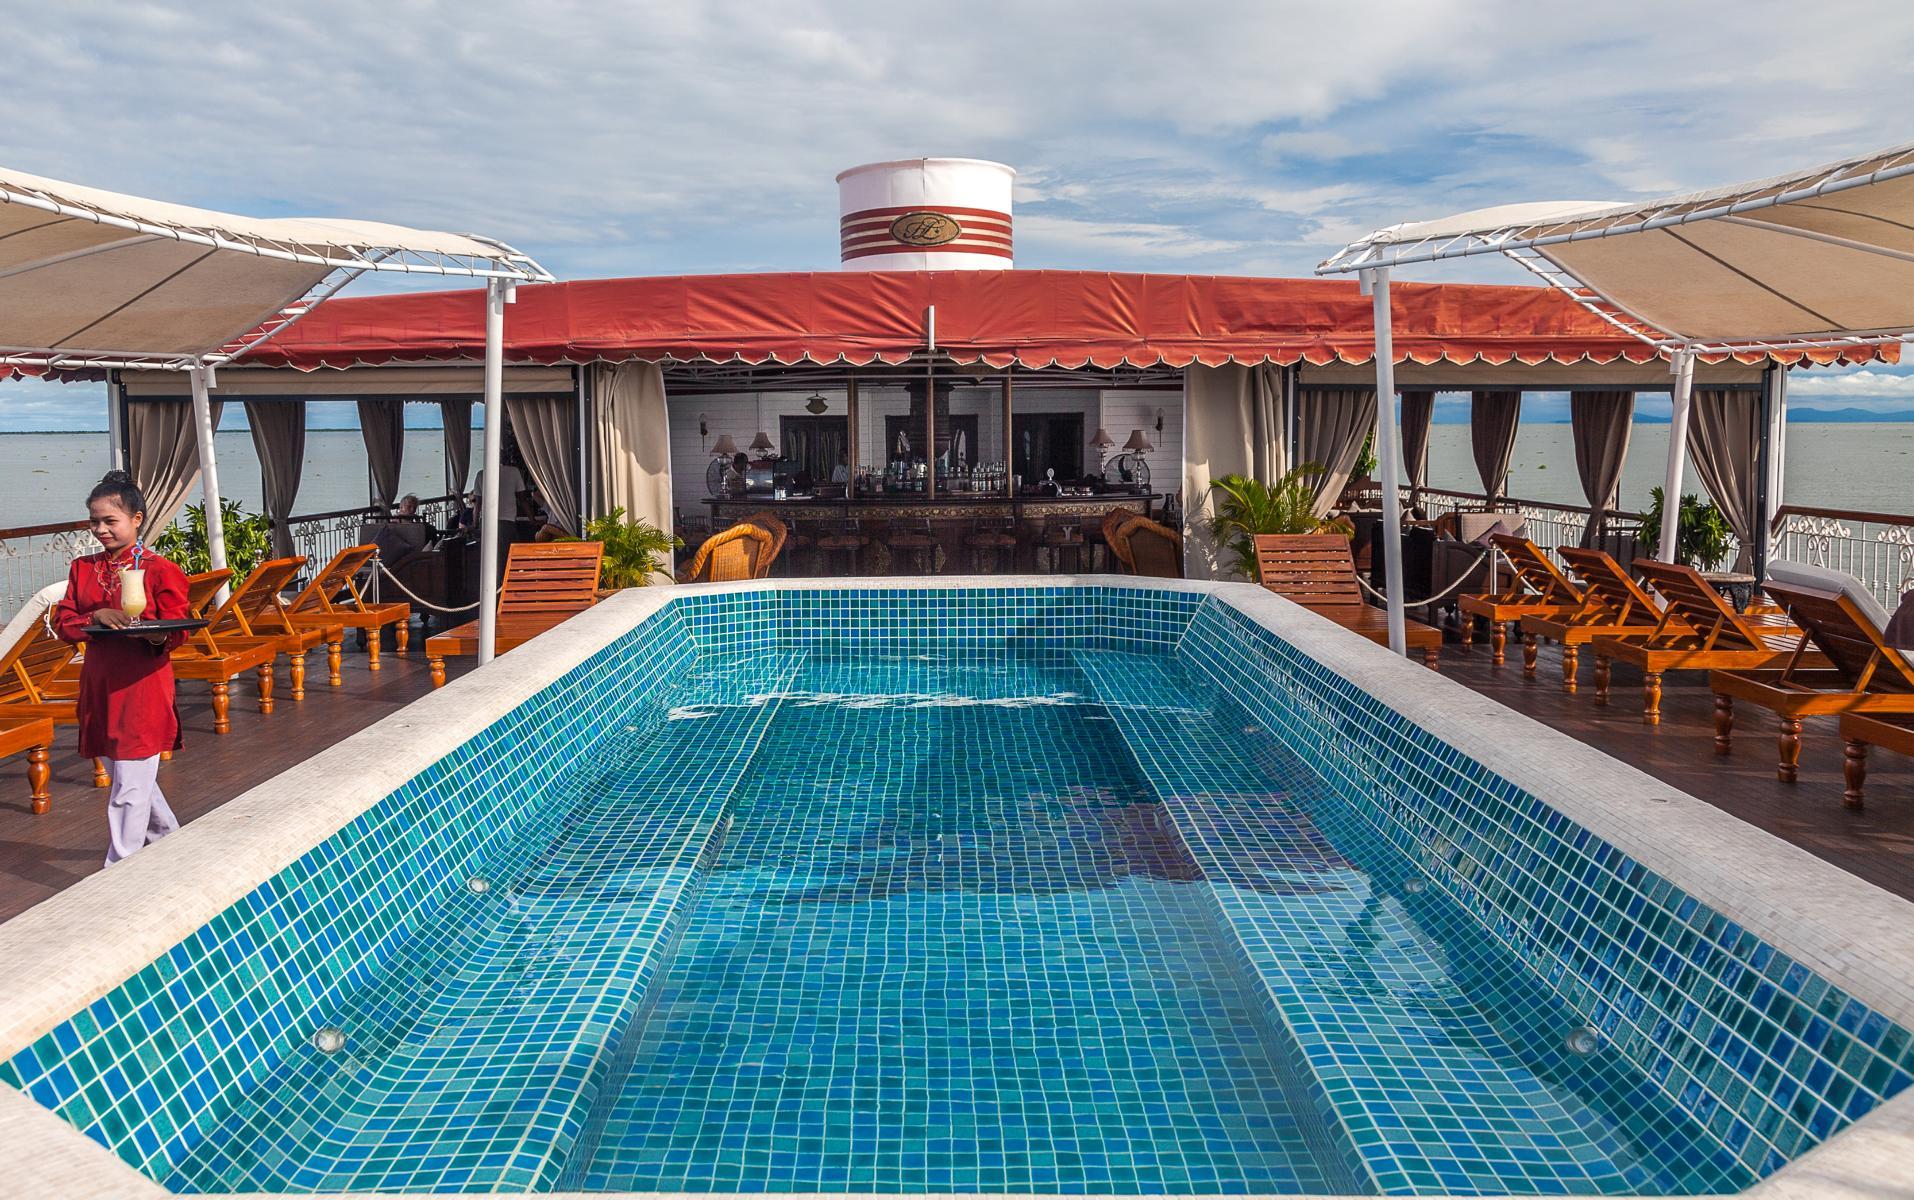 Pool an Deck der Jahan der Heritage Line auf dem Mekong in Vietnam und Kambodscha